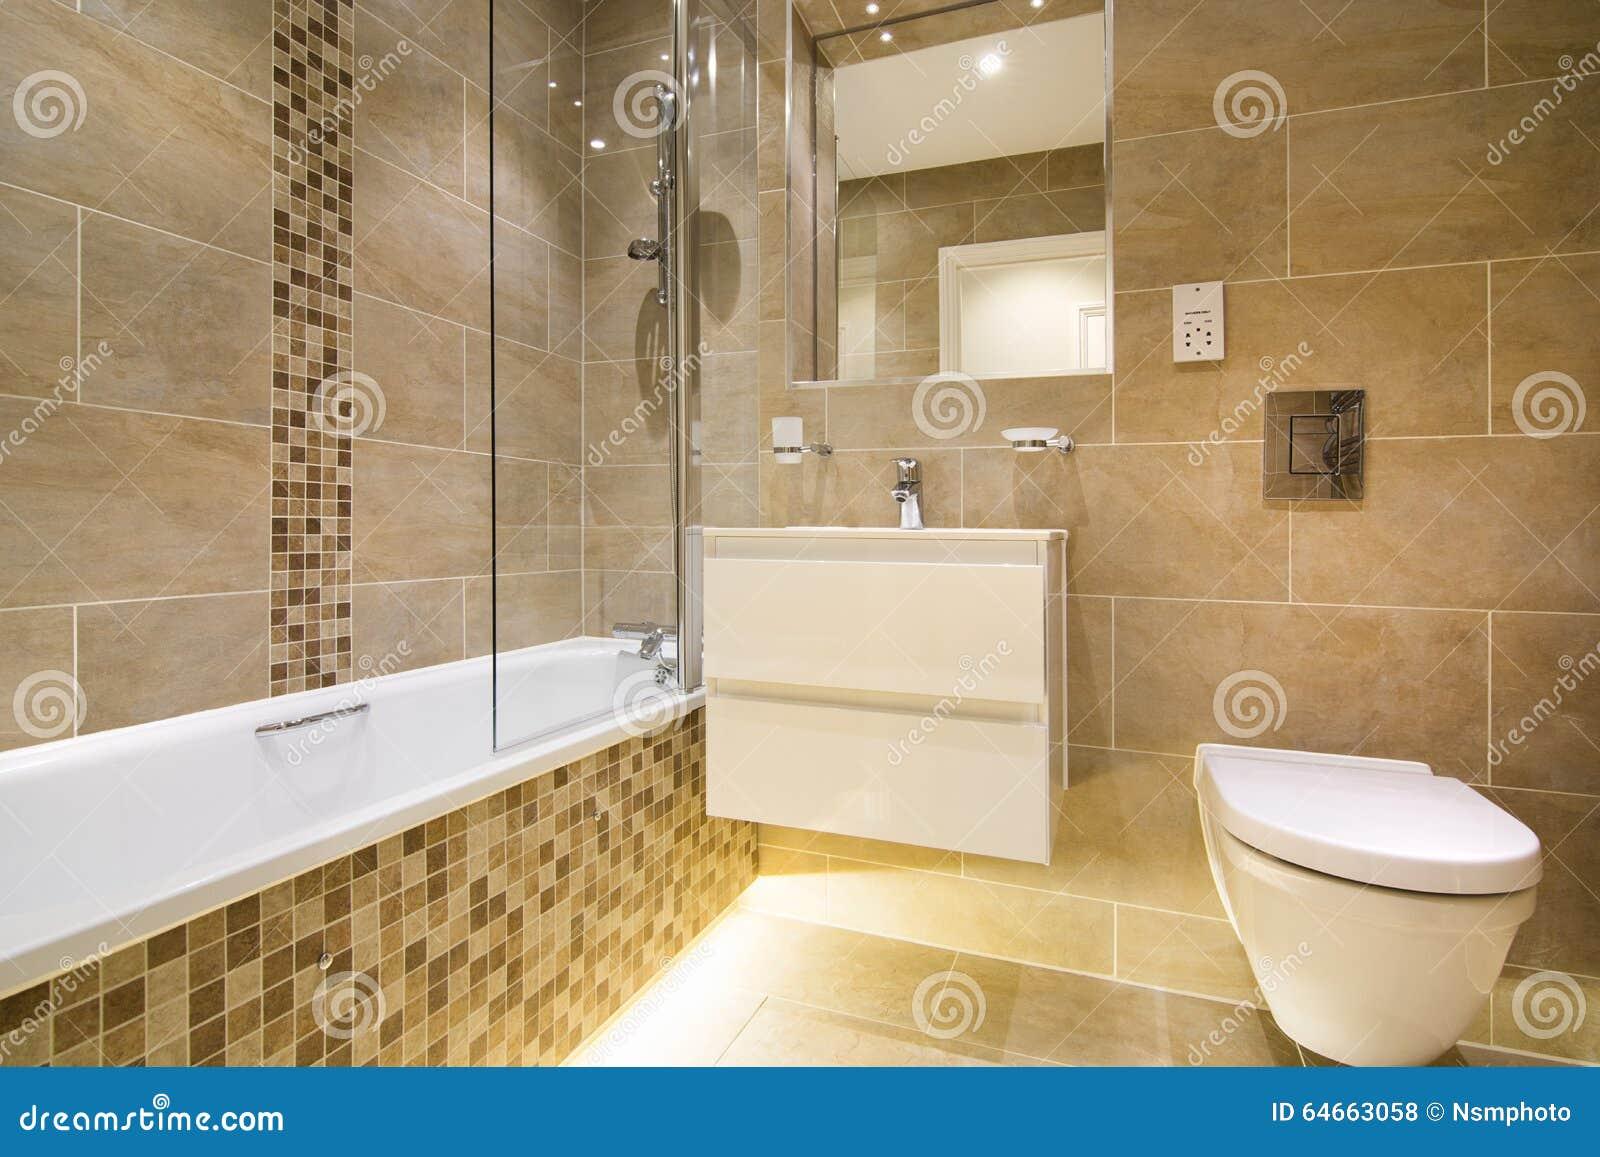 Luxus badezimmer mit drei st cken in der beige braun for Badezimmer beige braun